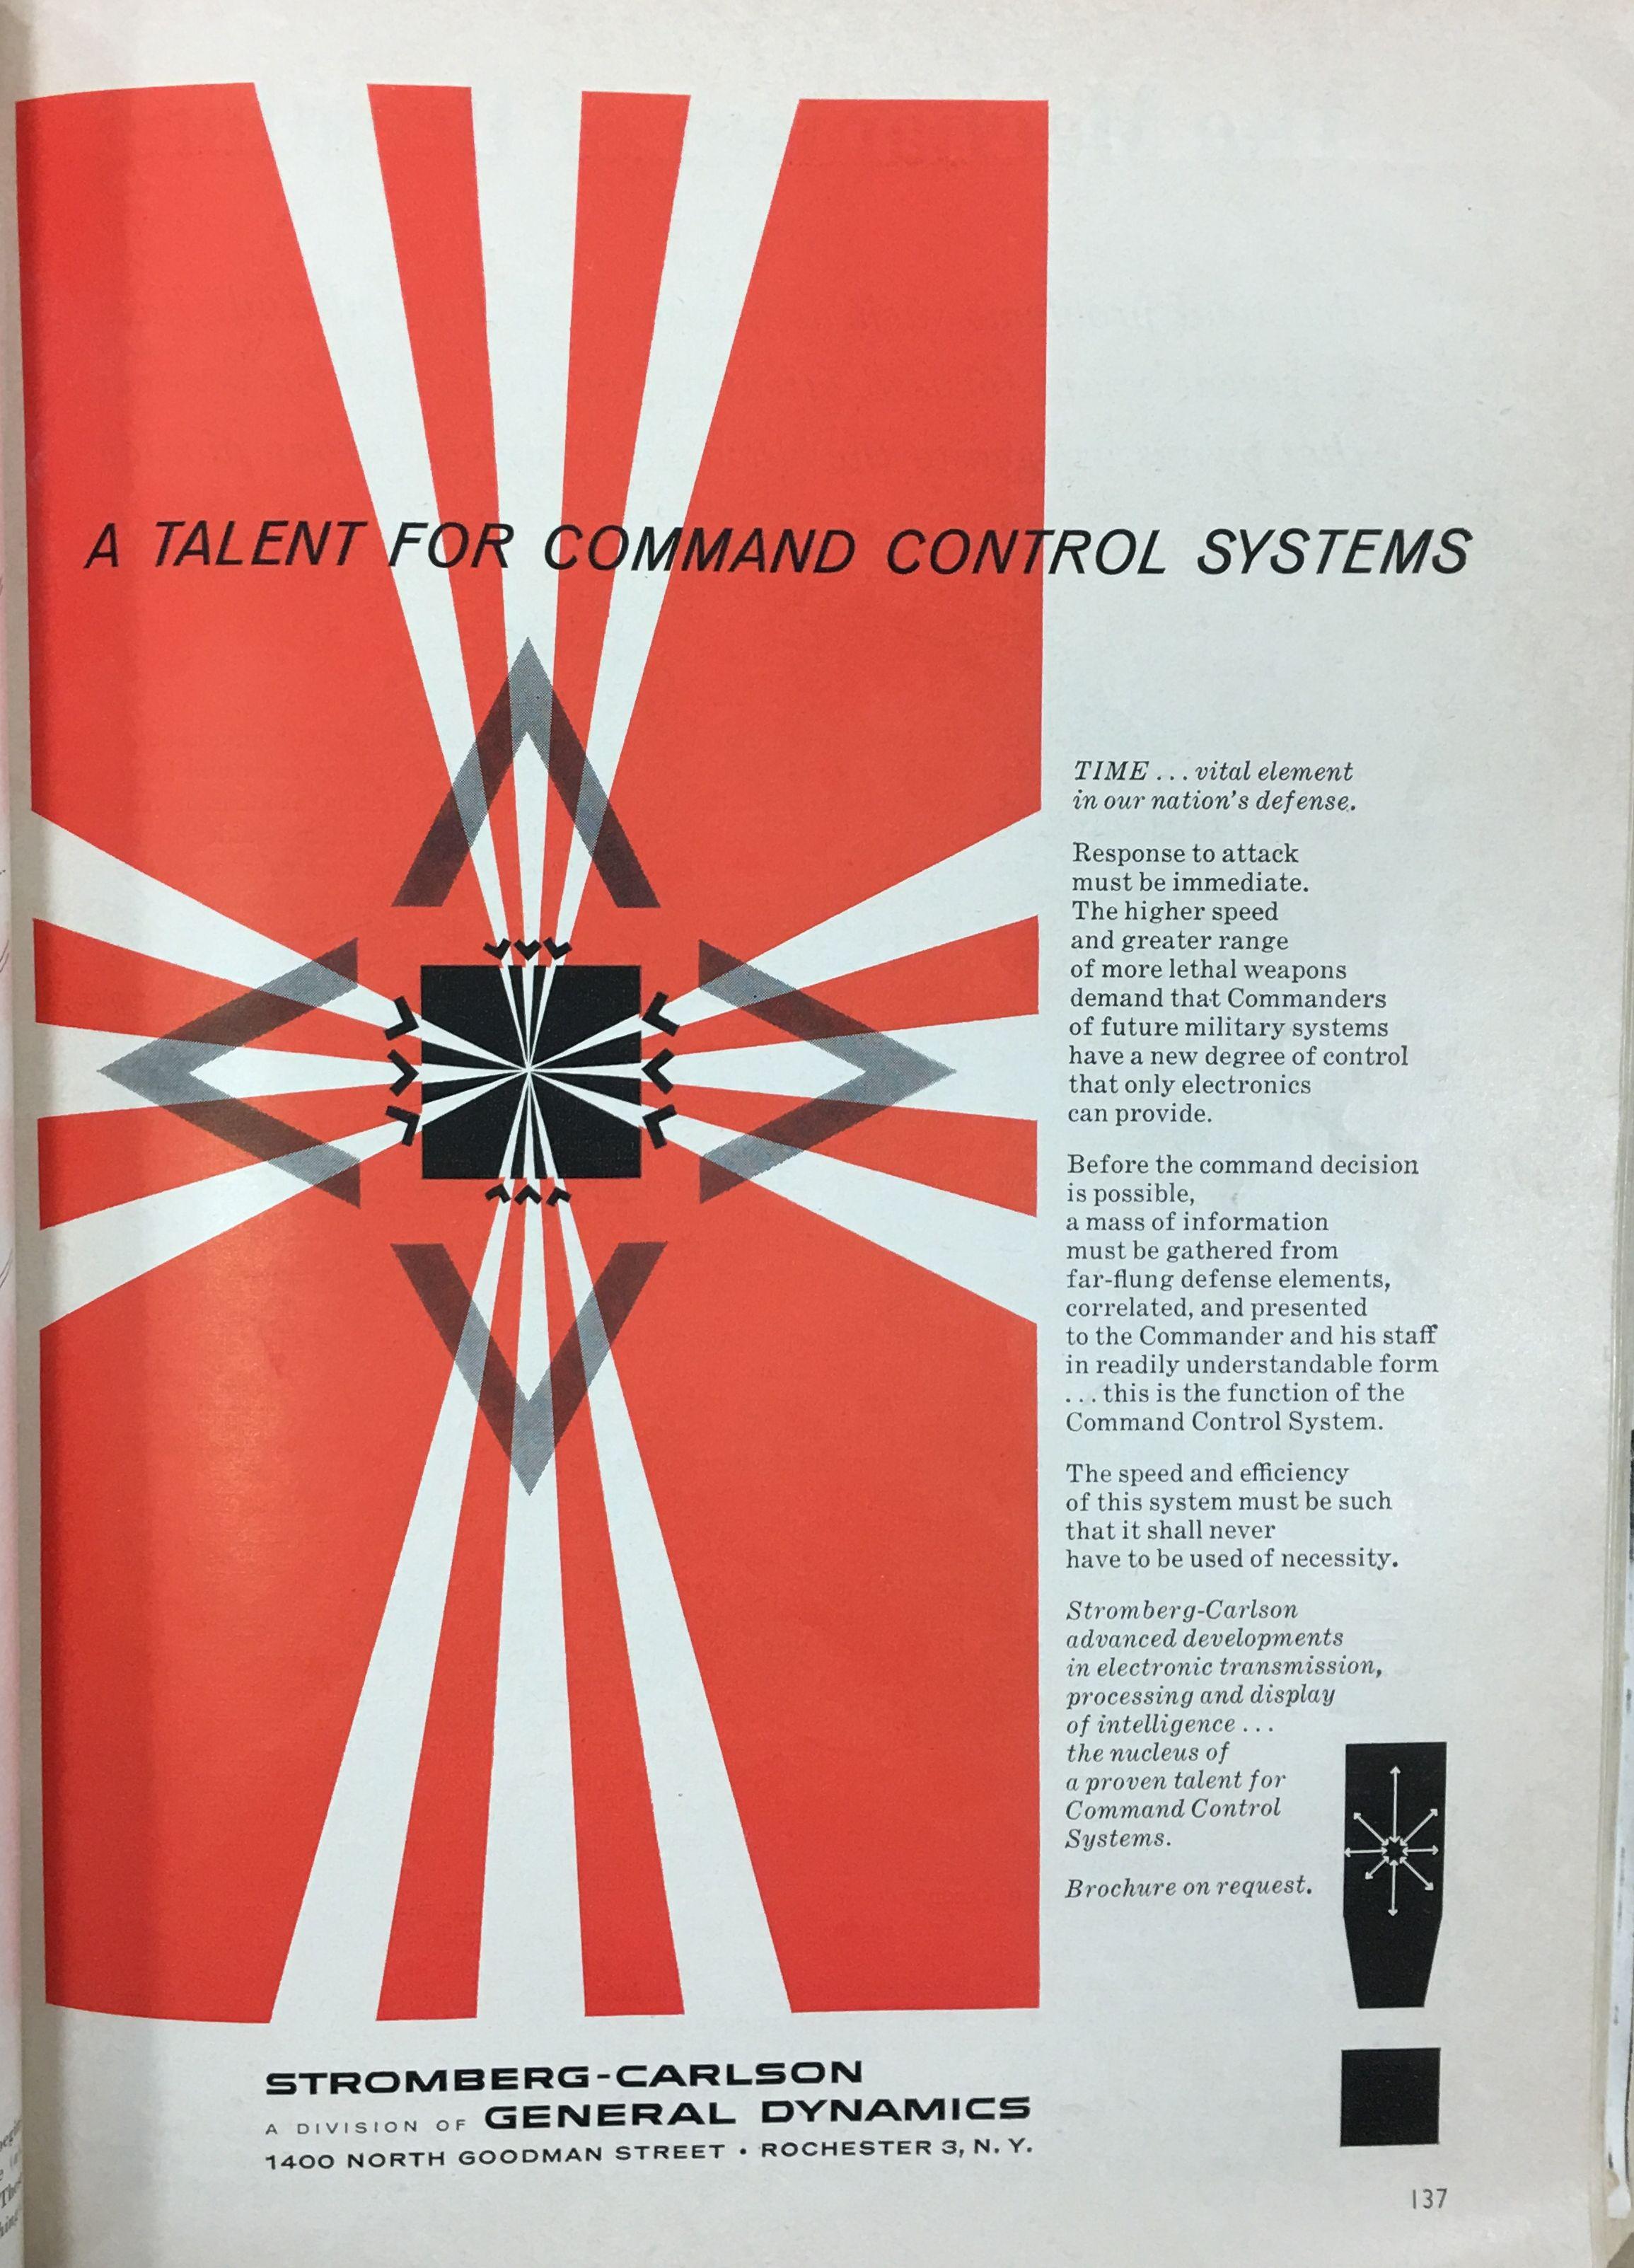 Ставим духовку на режим «Апокалипсис»: обзор устройств для предполётного управления ядерным оружием - 3